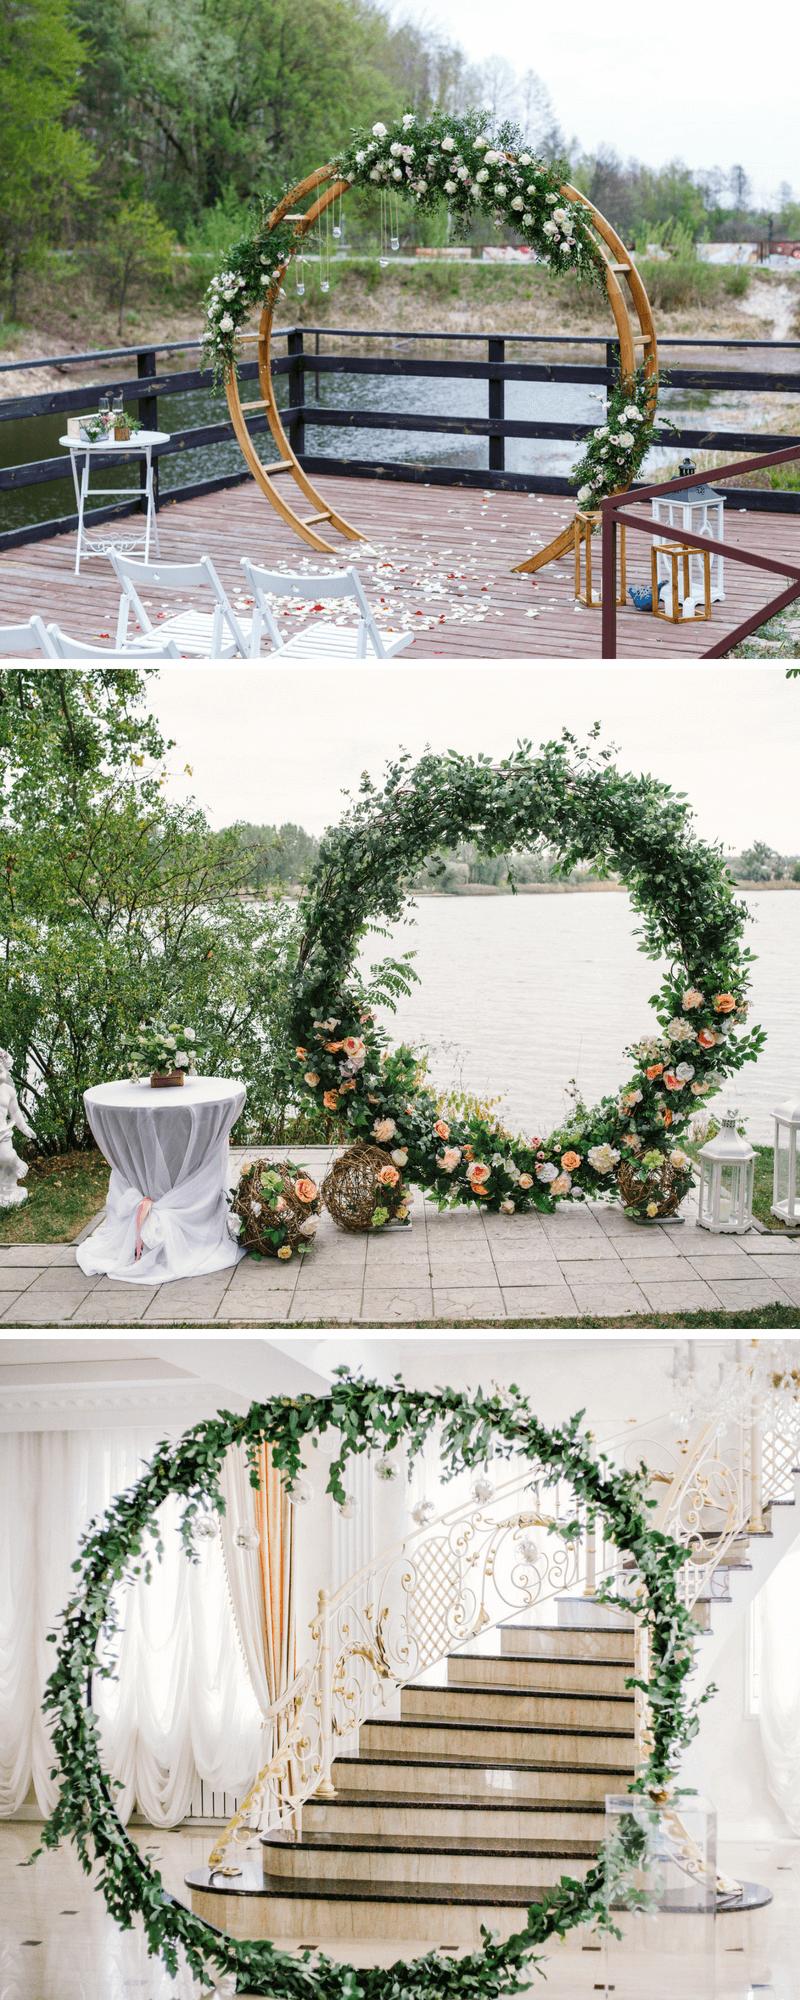 Wedding Hoops Hochzeitsdeko, Hochzeit Blumenkranz, Hochzeit Reifen Deko, Hochzeitsdeko Reifen, Hochzeit Hula Hoop